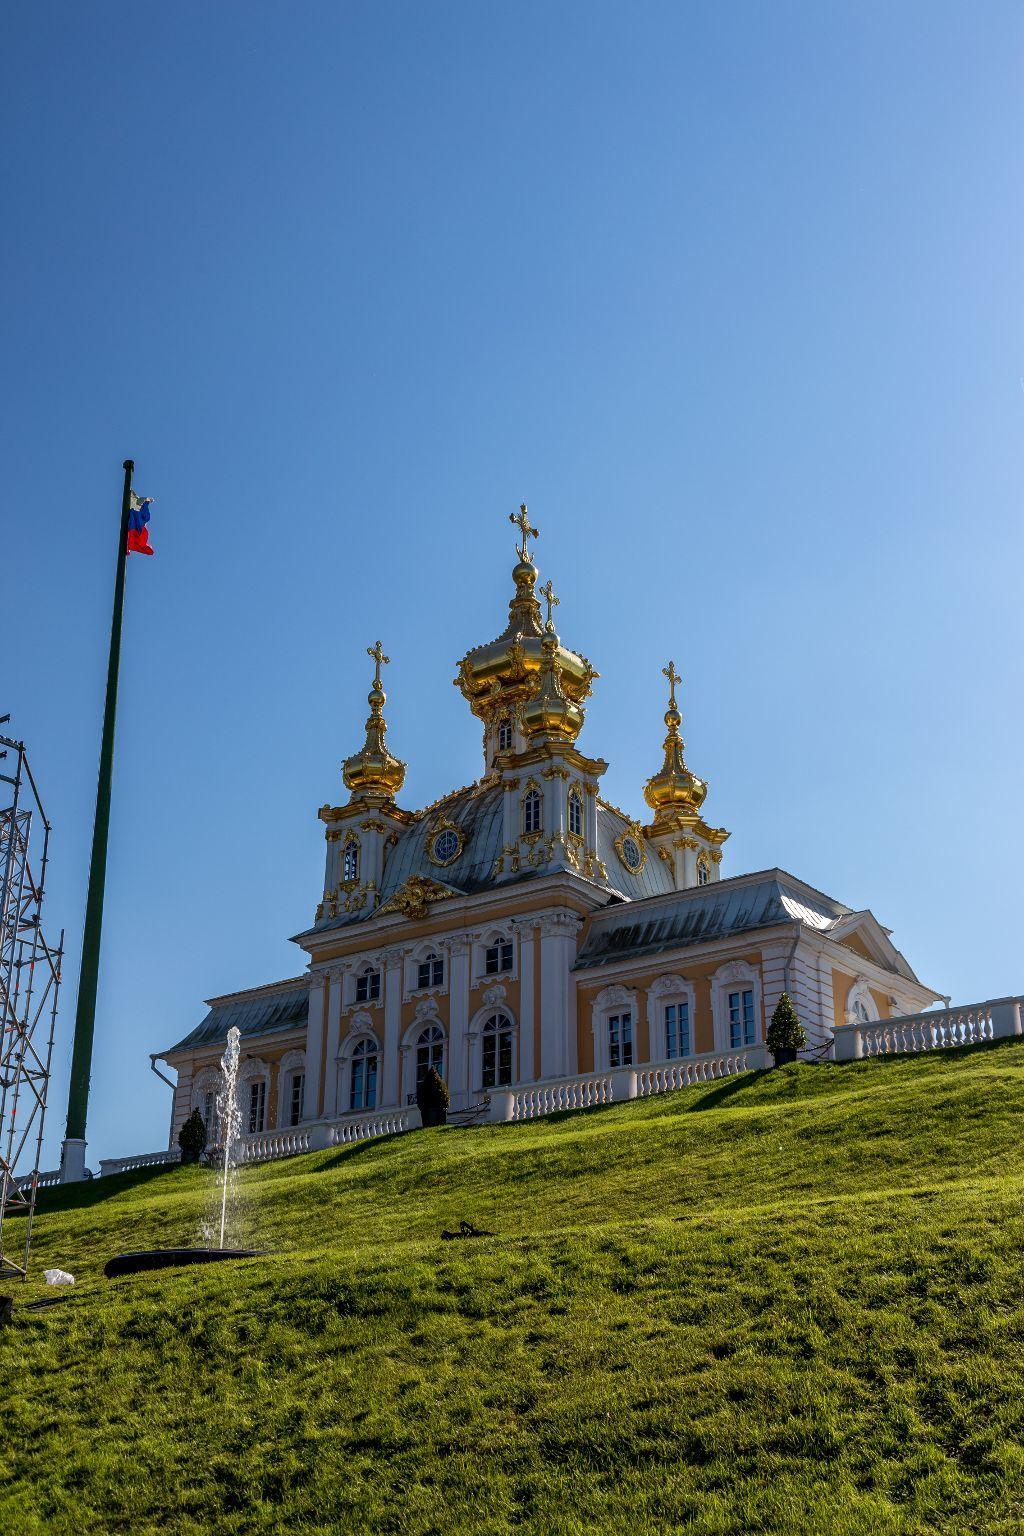 Schlösschen im unterer Park in Peterhof bei Sankt Petersburg